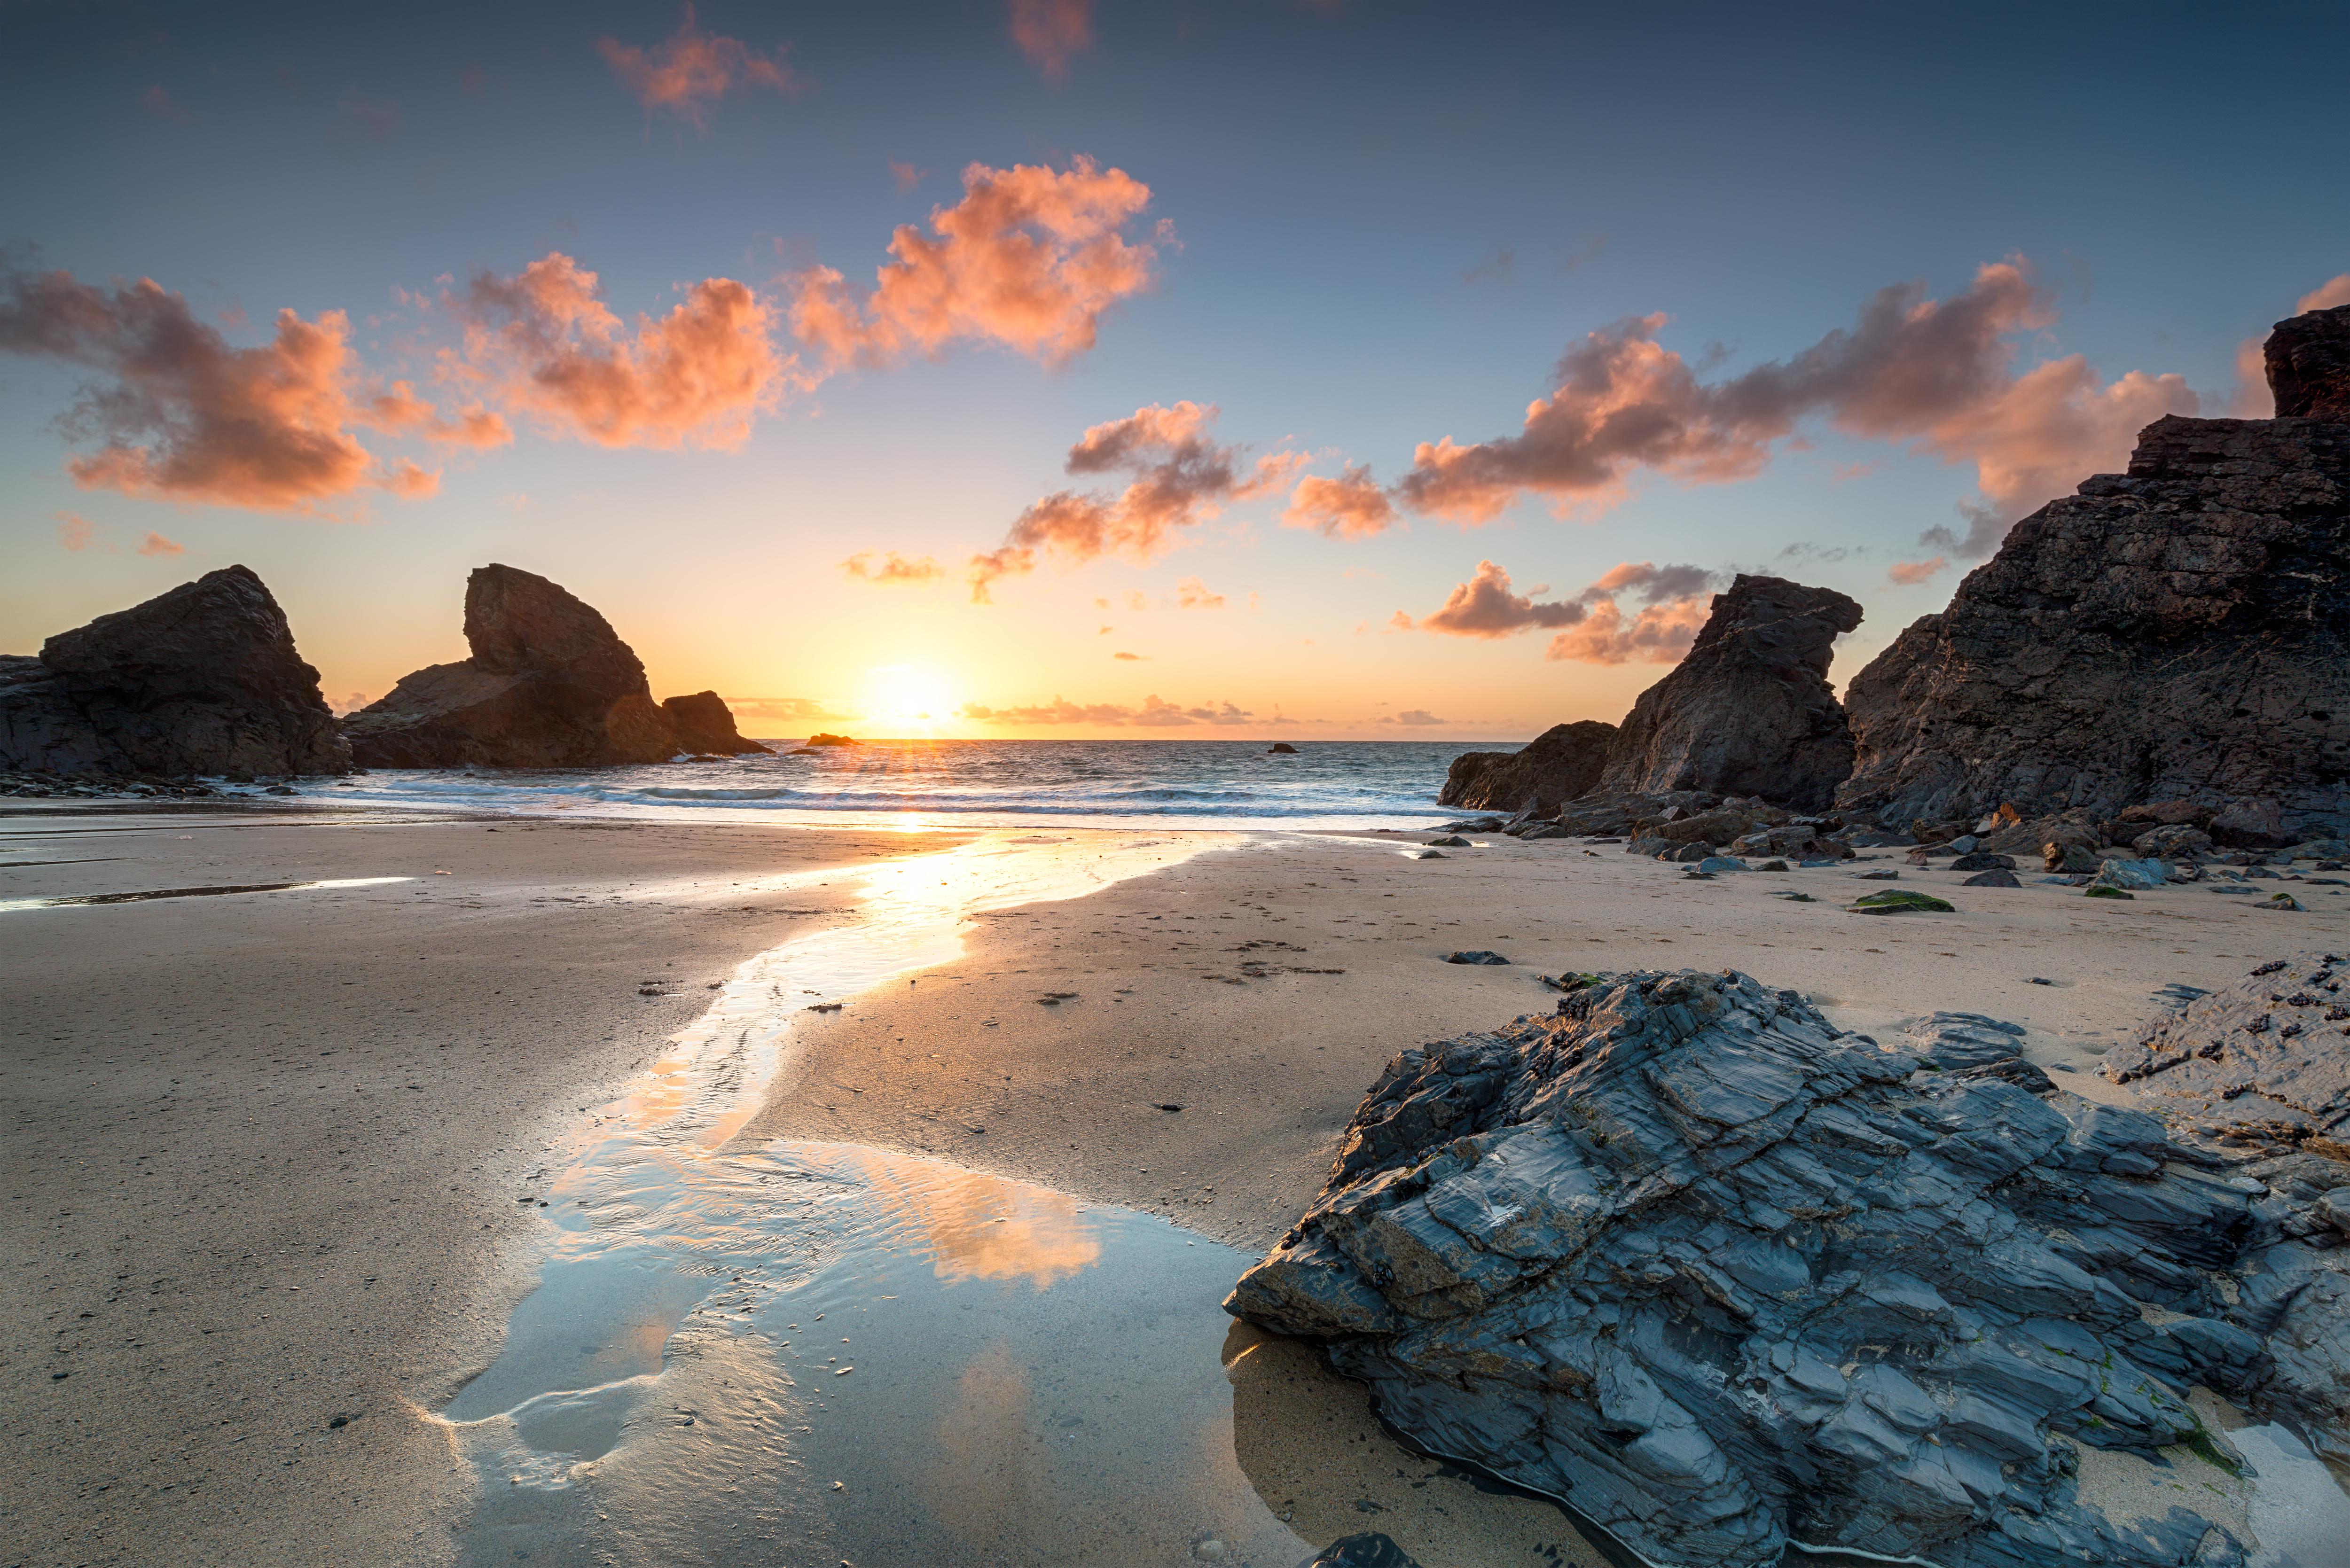 La playa de la bahía de Porthcothan en Cornwall todavía se puede visitar, pero los turistas ya no pueden ver una de sus estructuras de roca natural emblemáticas. El arco centenario fue destruido por olas de 10 metros y vientos de 112 km/h en enero de 2014